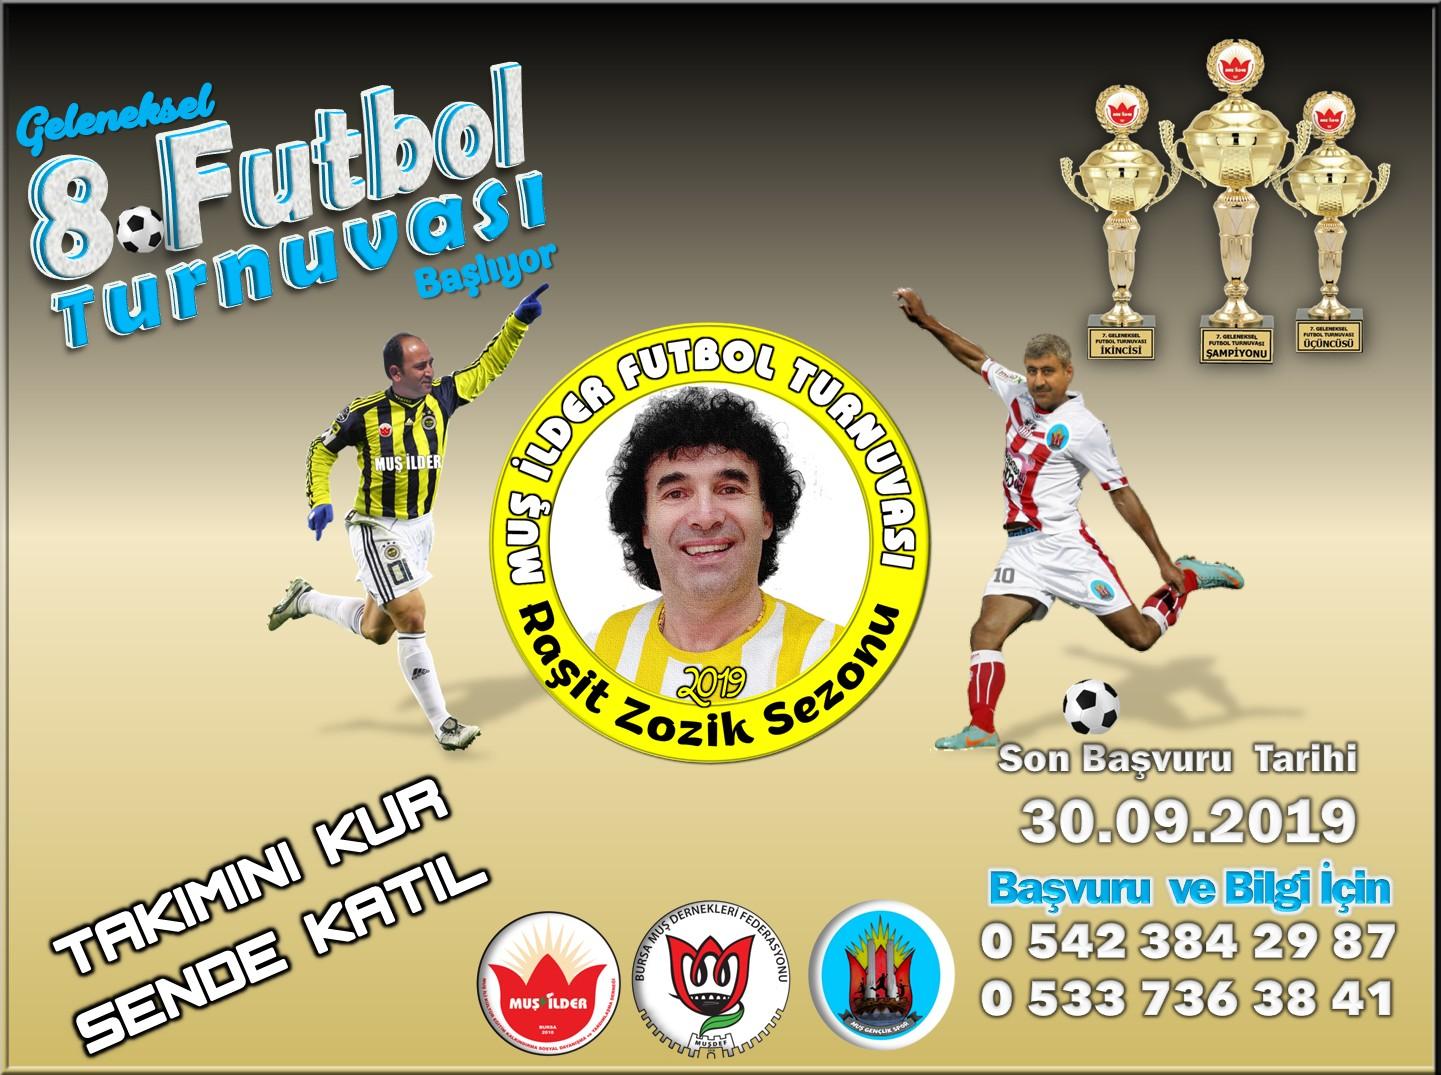 Türk Futbolunun Yaşayan Efsanesi Adına Anlamlı Bir Turnuva Düzenleniyor